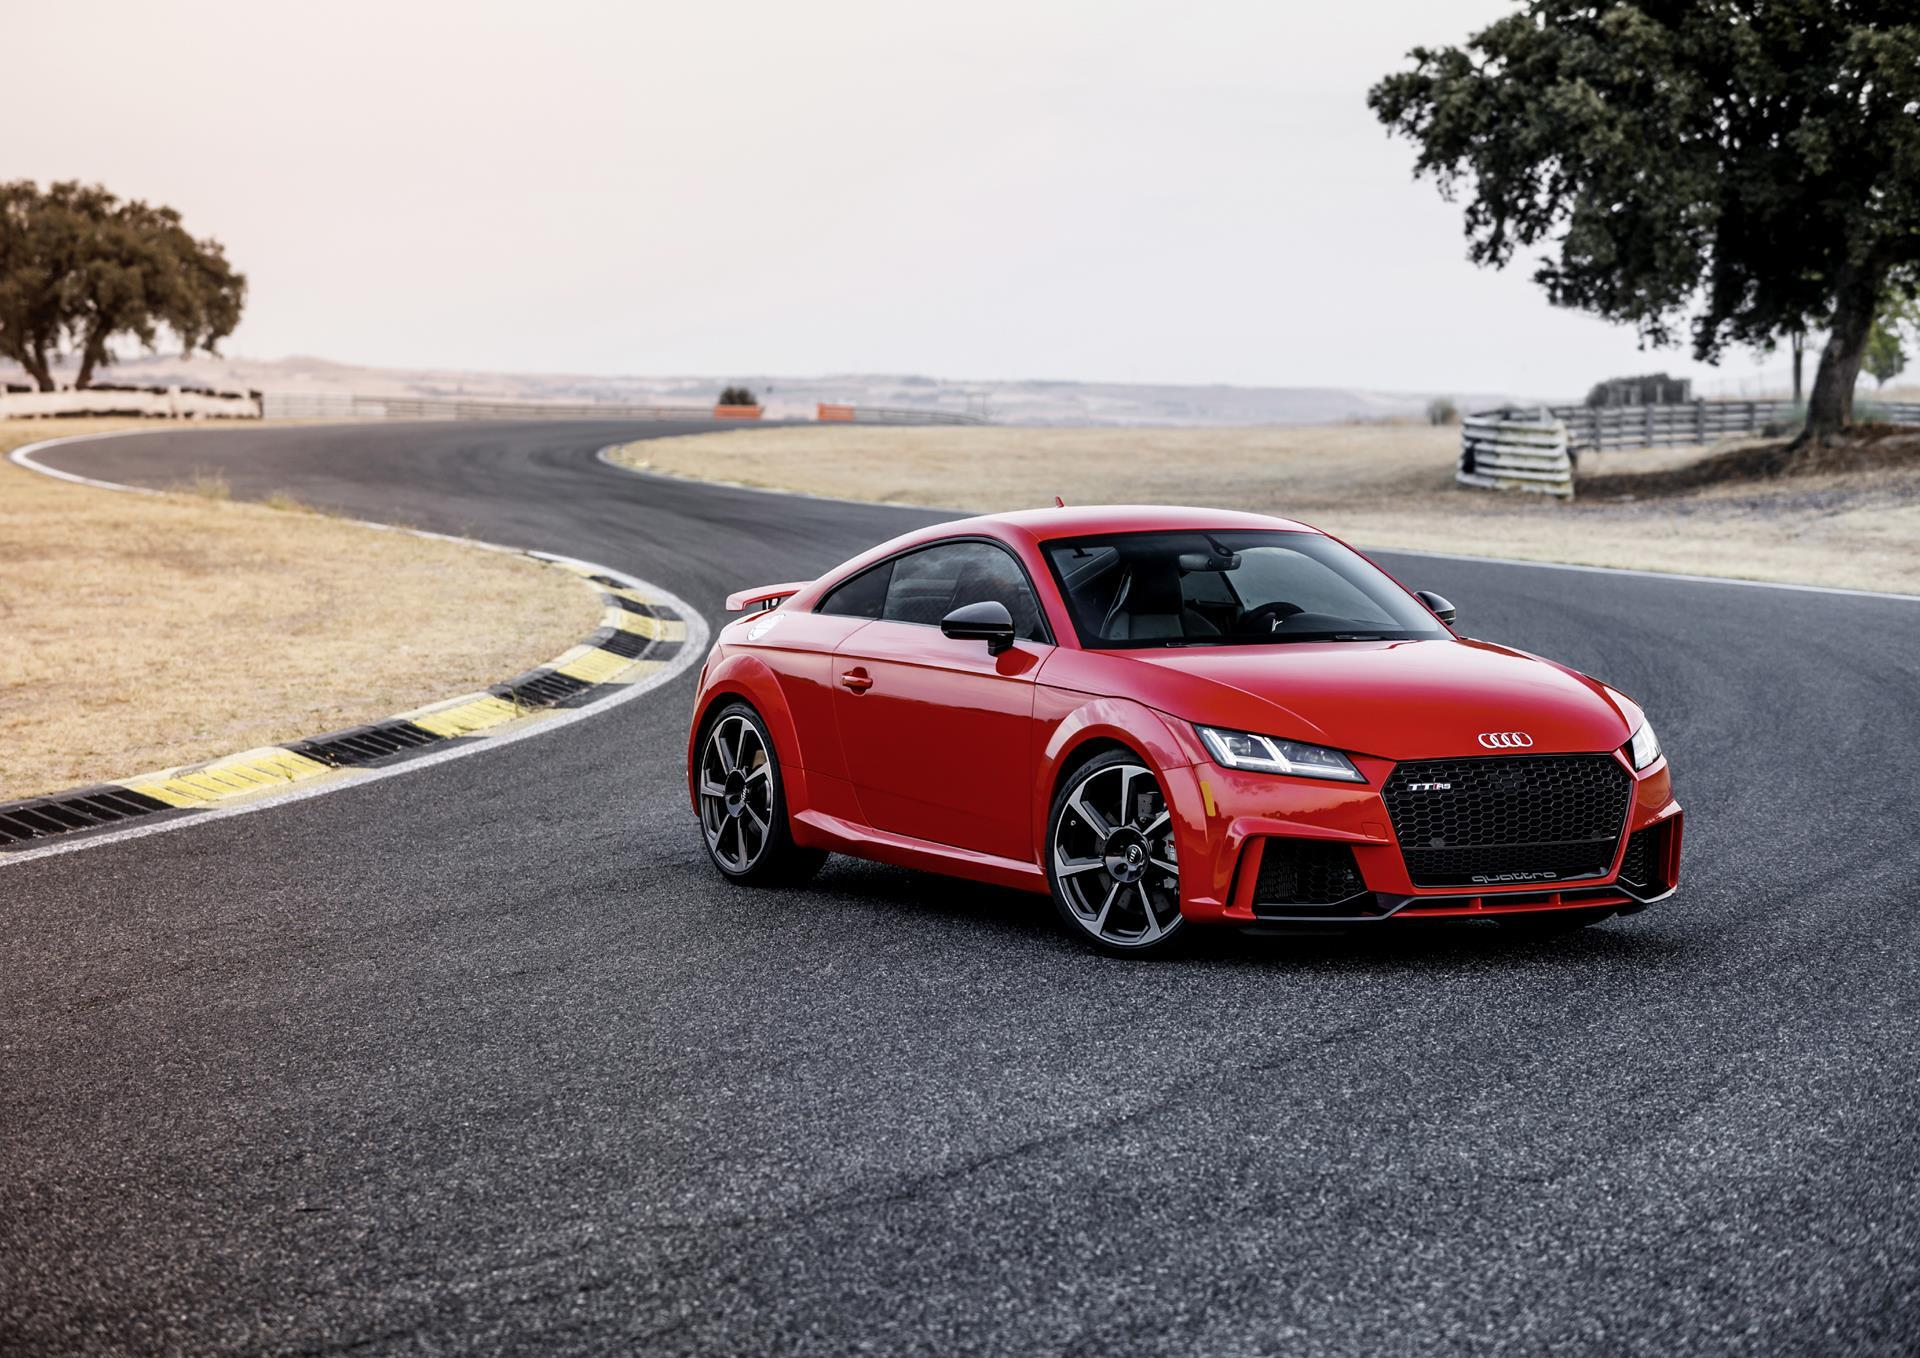 2018 Audi TT RS   conceptcarzcom 1920x1358